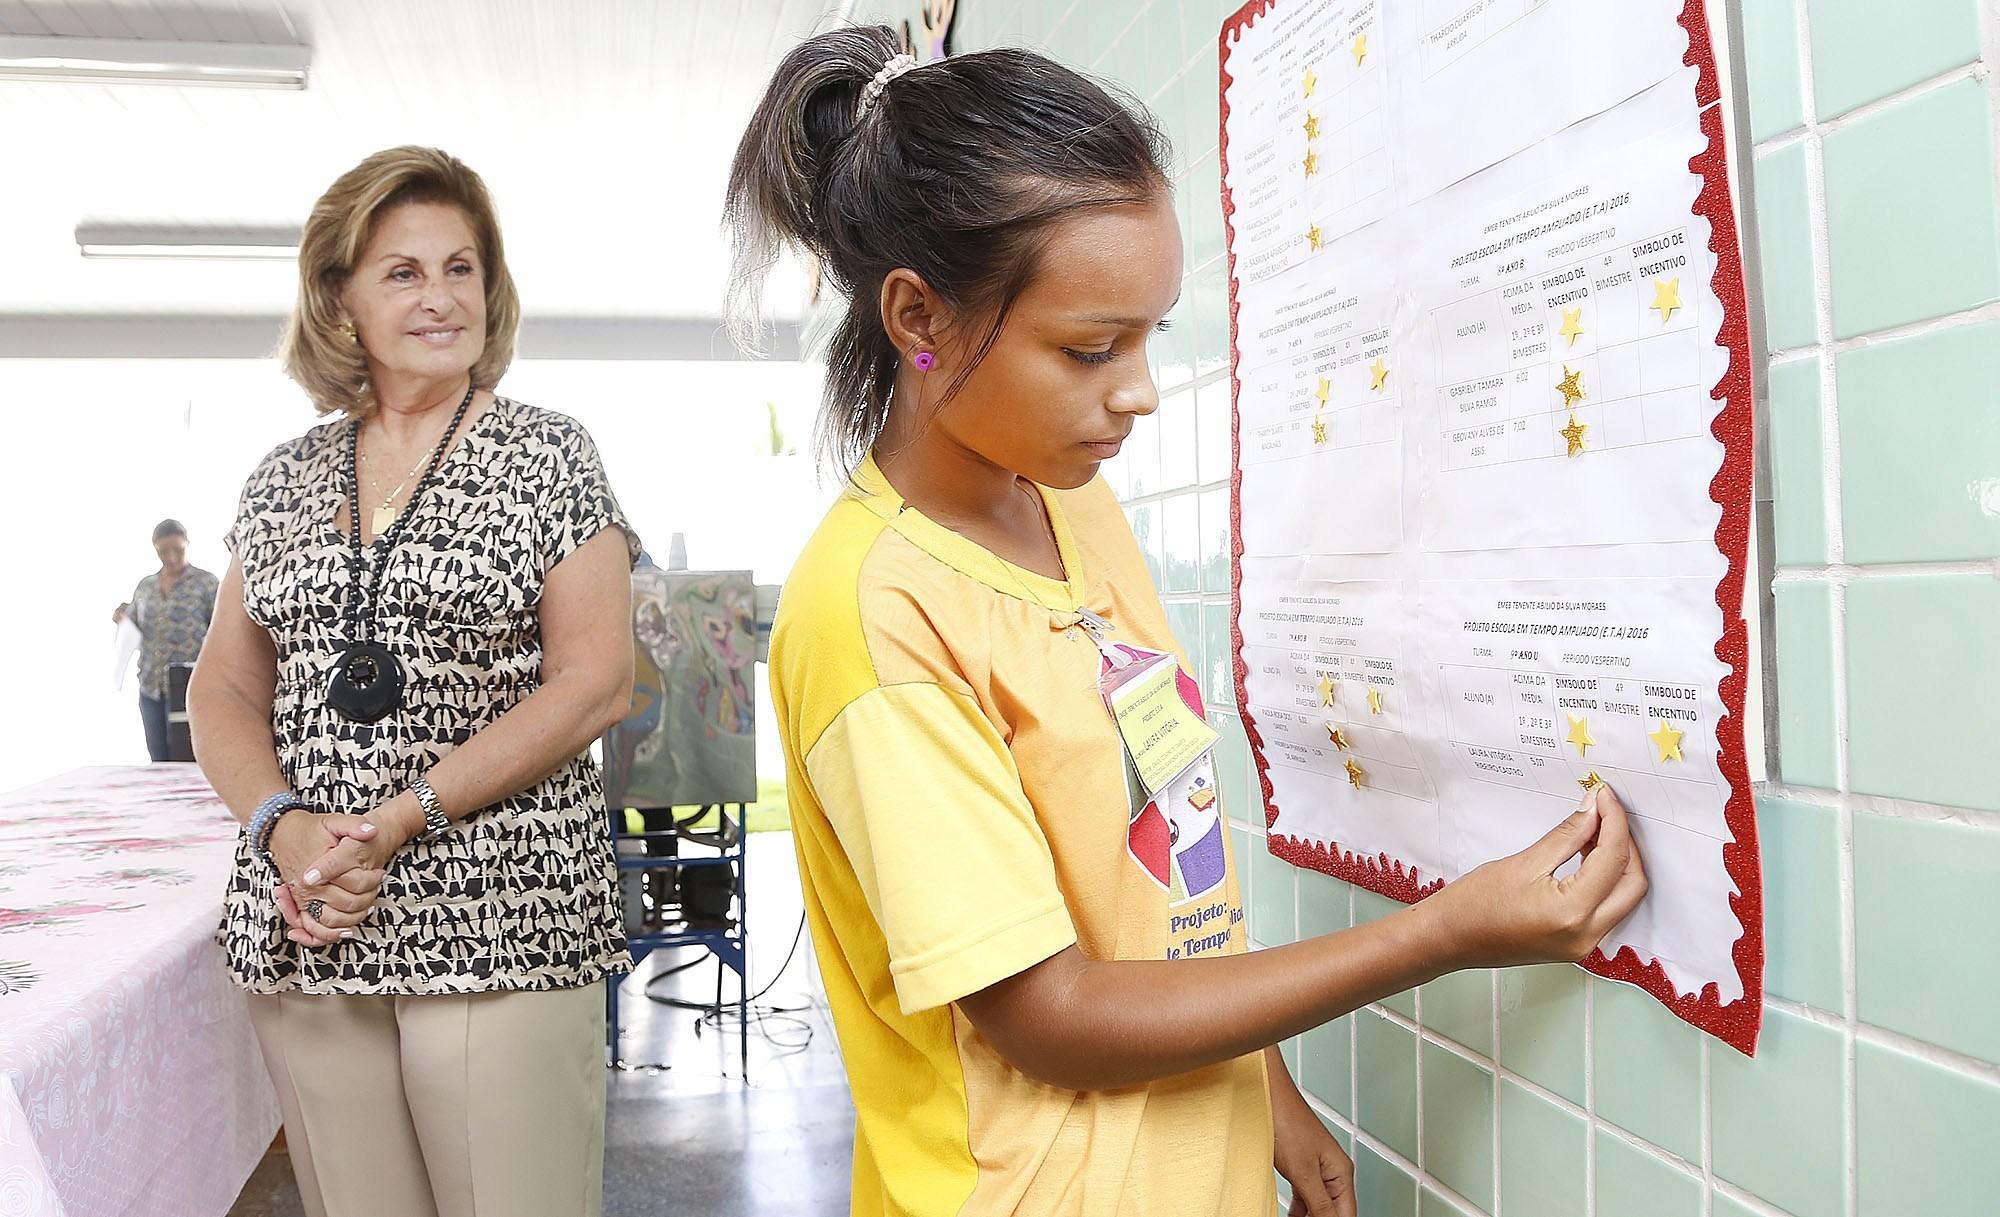 Educação recebe investimentos visando avanços na qualidade